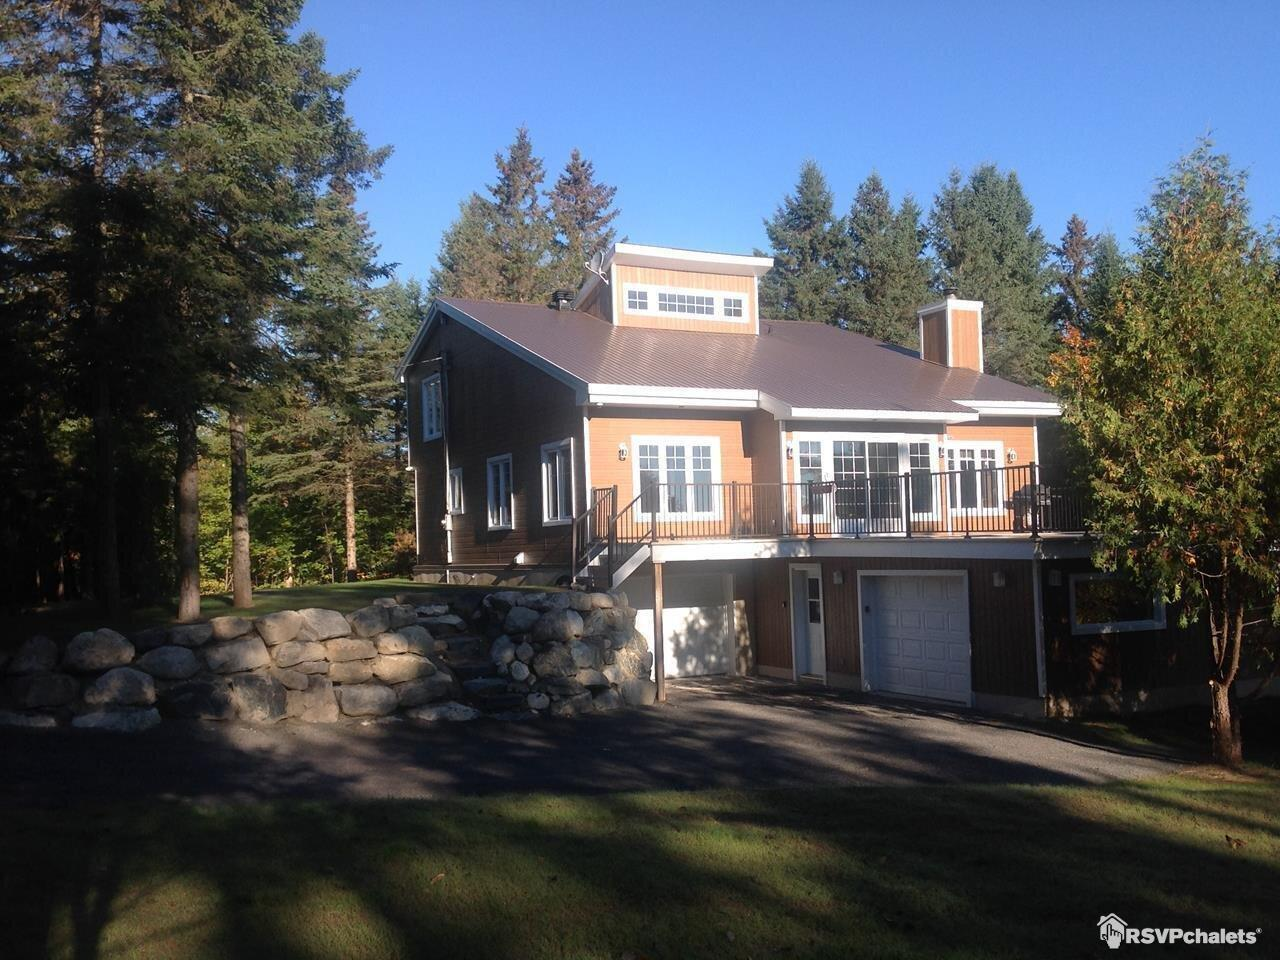 Pleasing Cottage Rentals Cottages For Rent On Rsvpchalets Home Interior And Landscaping Palasignezvosmurscom